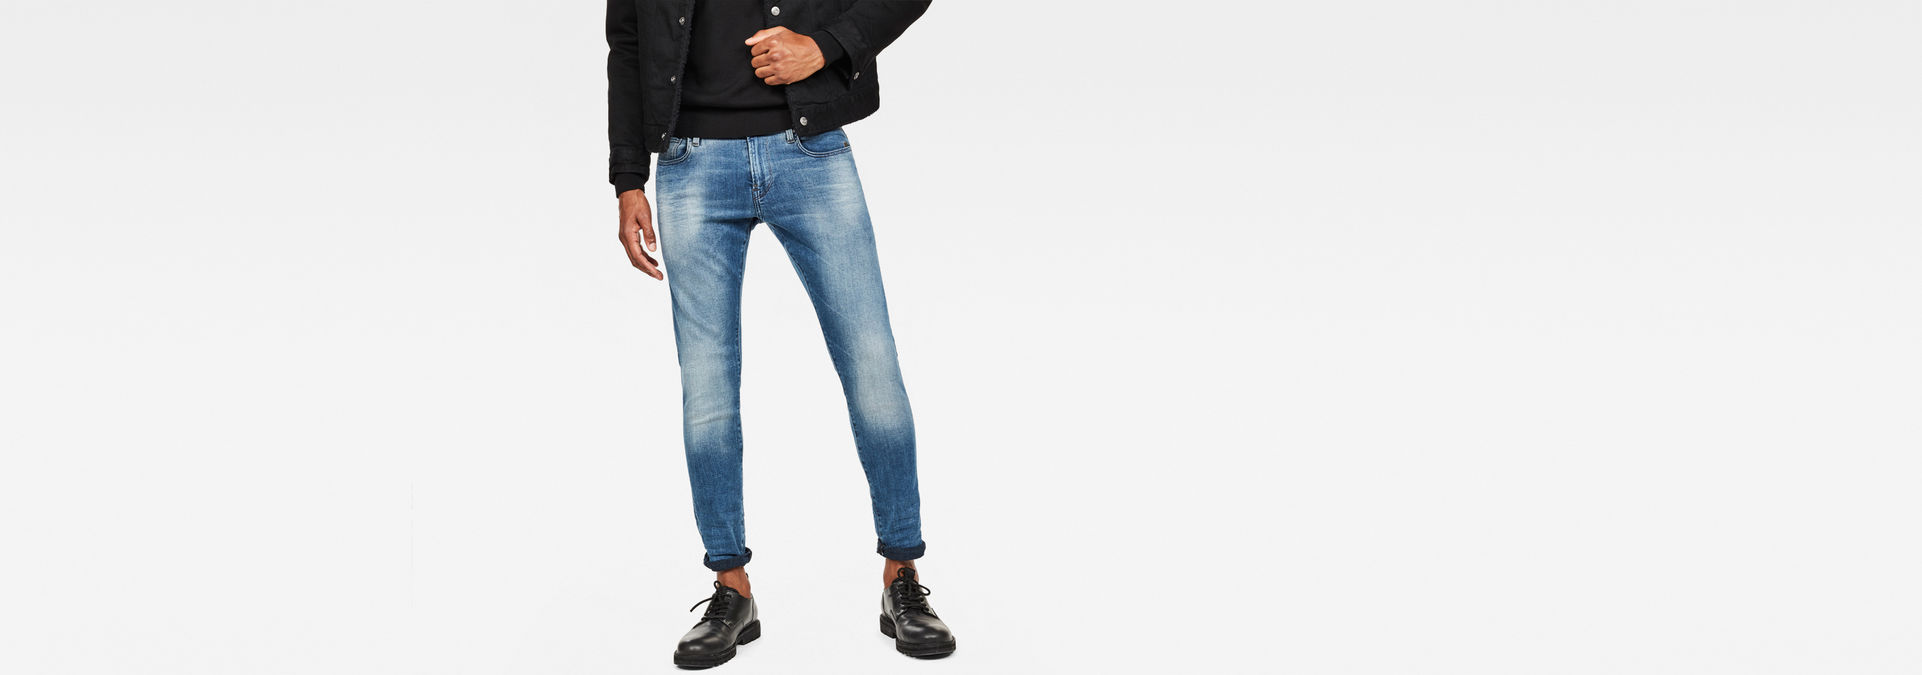 Revend Skinny Jeans   Light Aged Destroy   Herren   G Star RAW®